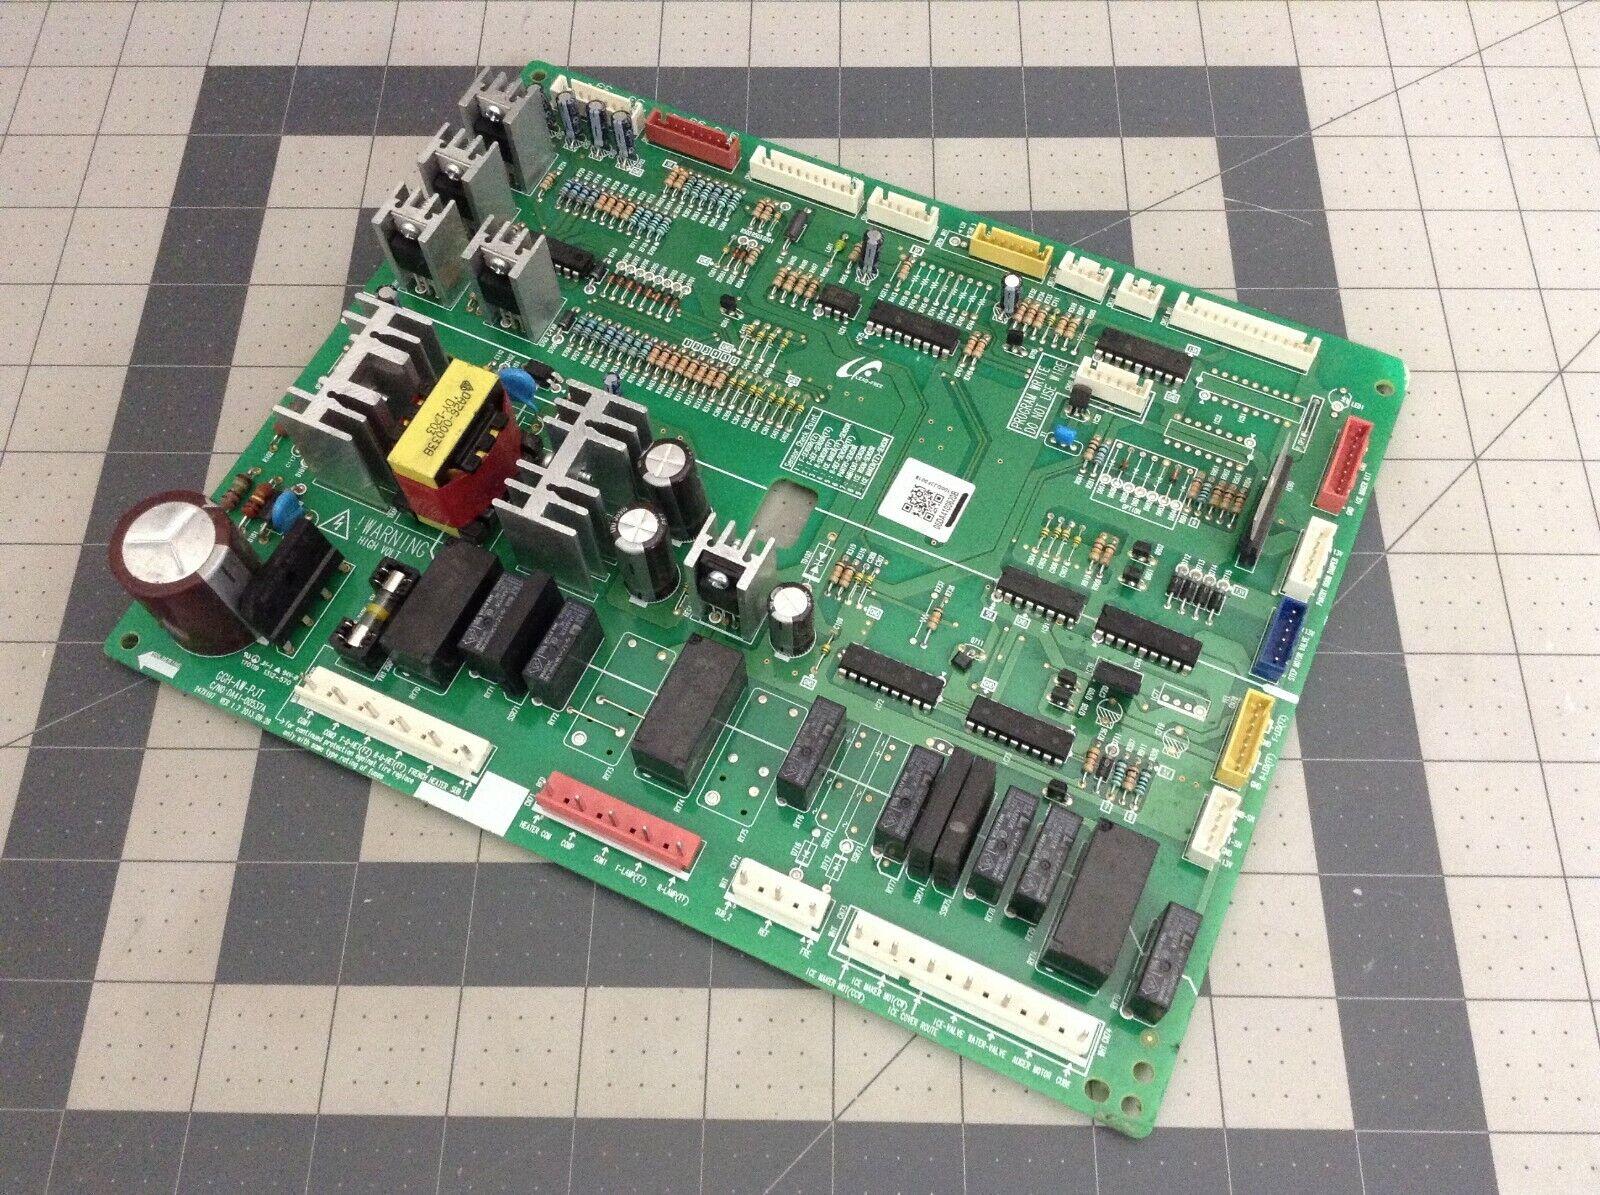 Samsung Refrigerator Replacement Parts DA41-00620B PCB Control Board